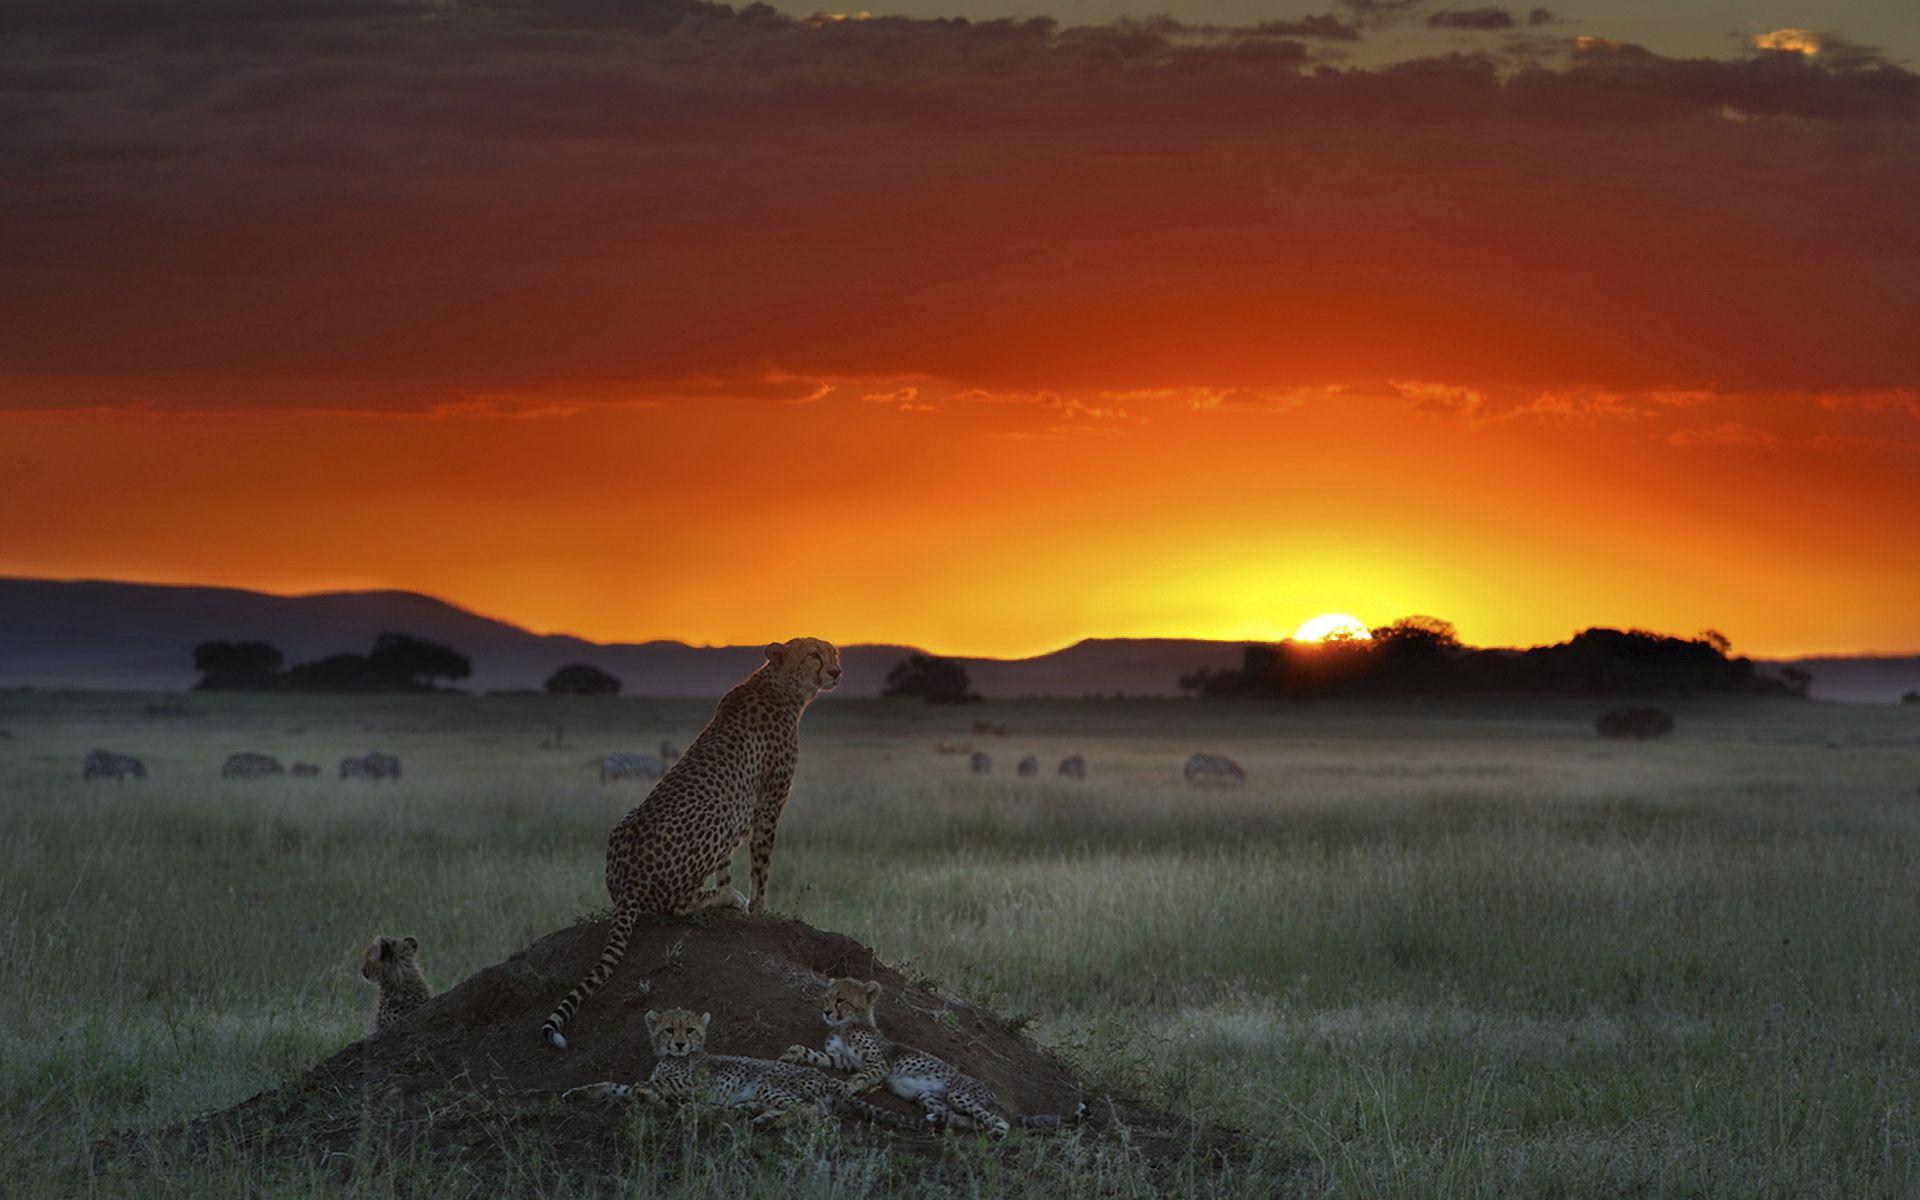 62629 Hintergrundbild herunterladen Tiere, Sunset, Grass, Horizont, Sitzen, Höhe, Gepard, Elevation - Bildschirmschoner und Bilder kostenlos